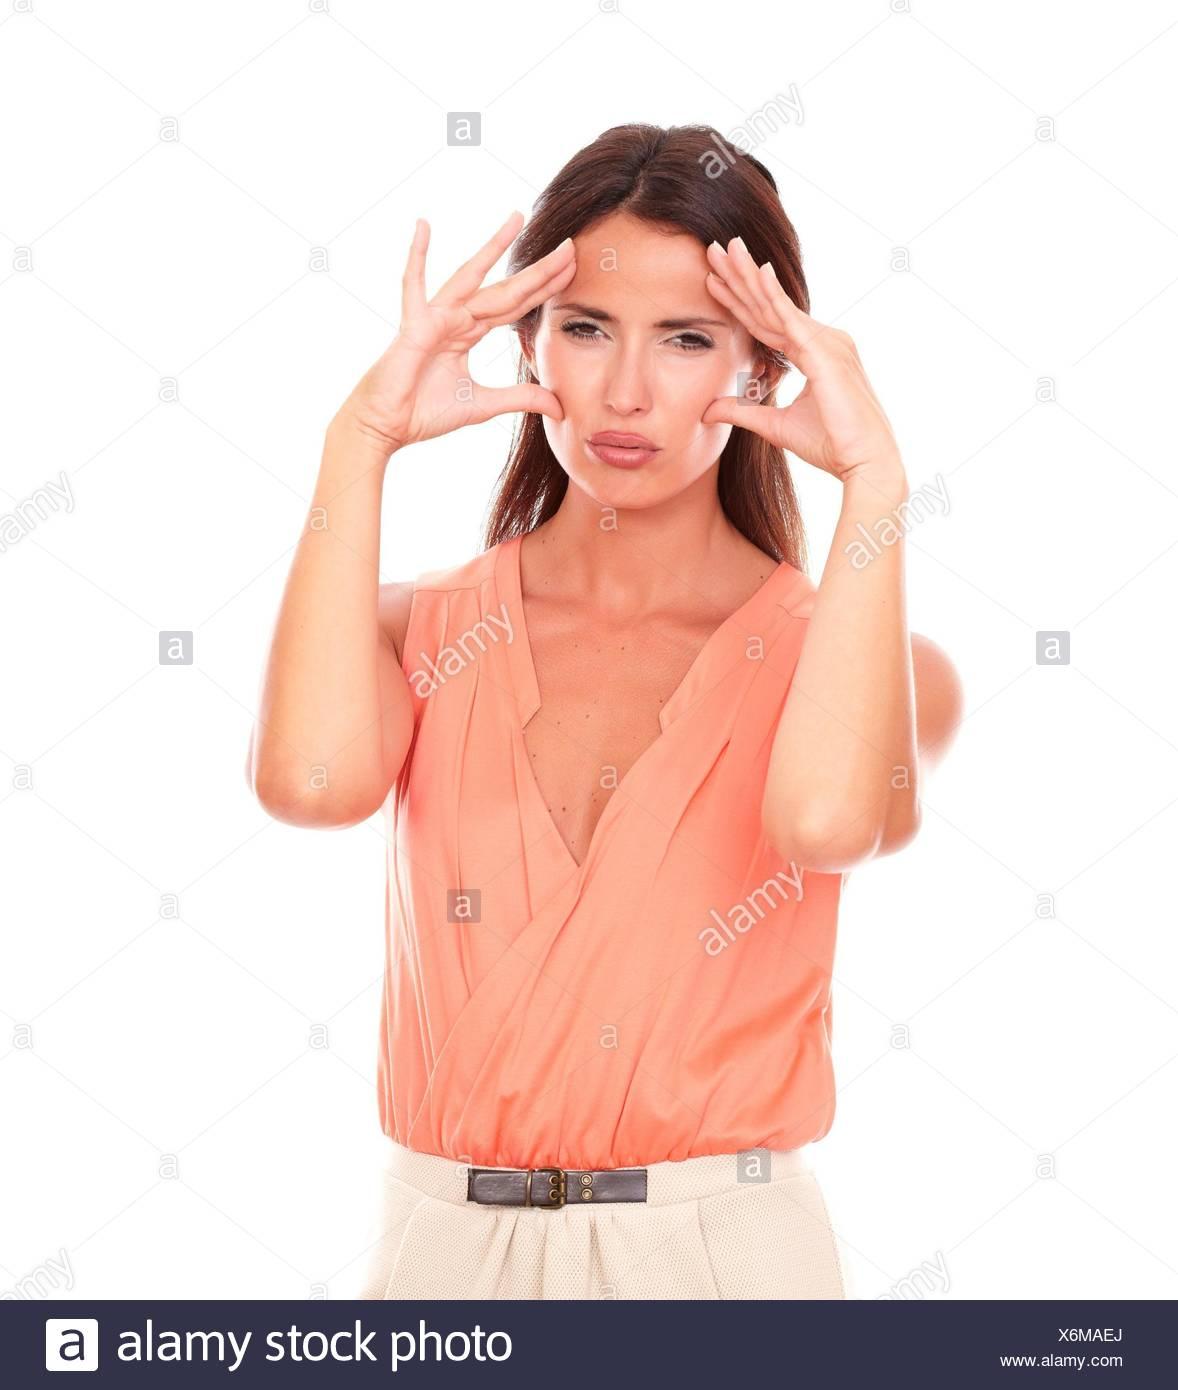 Ziemlich Hispanic Frau mit der Hand auf den Kopf und deutete Migräne Kopfschmerzen, während Sie leiden Sie unter Schmerzen in den weißen Hintergrund. Stockbild